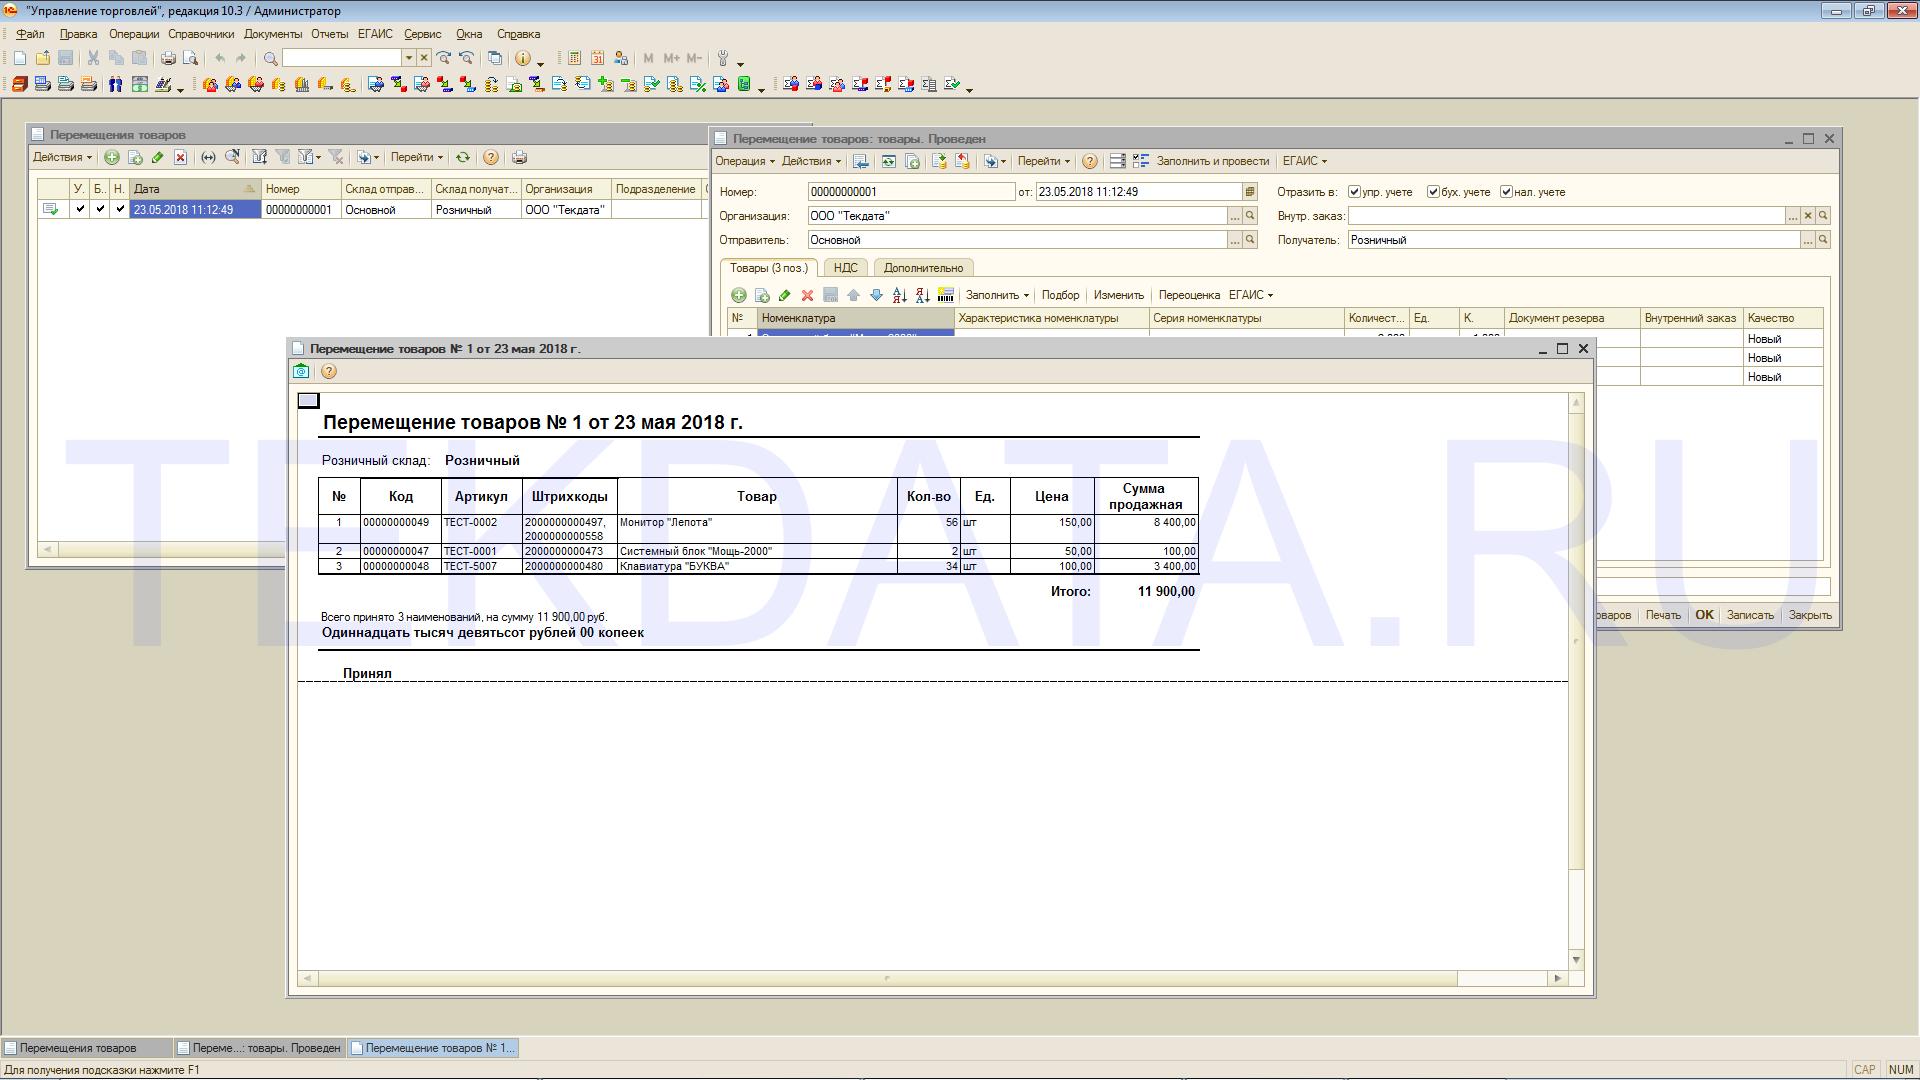 Приход/расход в ценах АТТ со штрихкодами из Перемещения товаров для 1С:УТ 10.3 (Внешняя печатная форма)